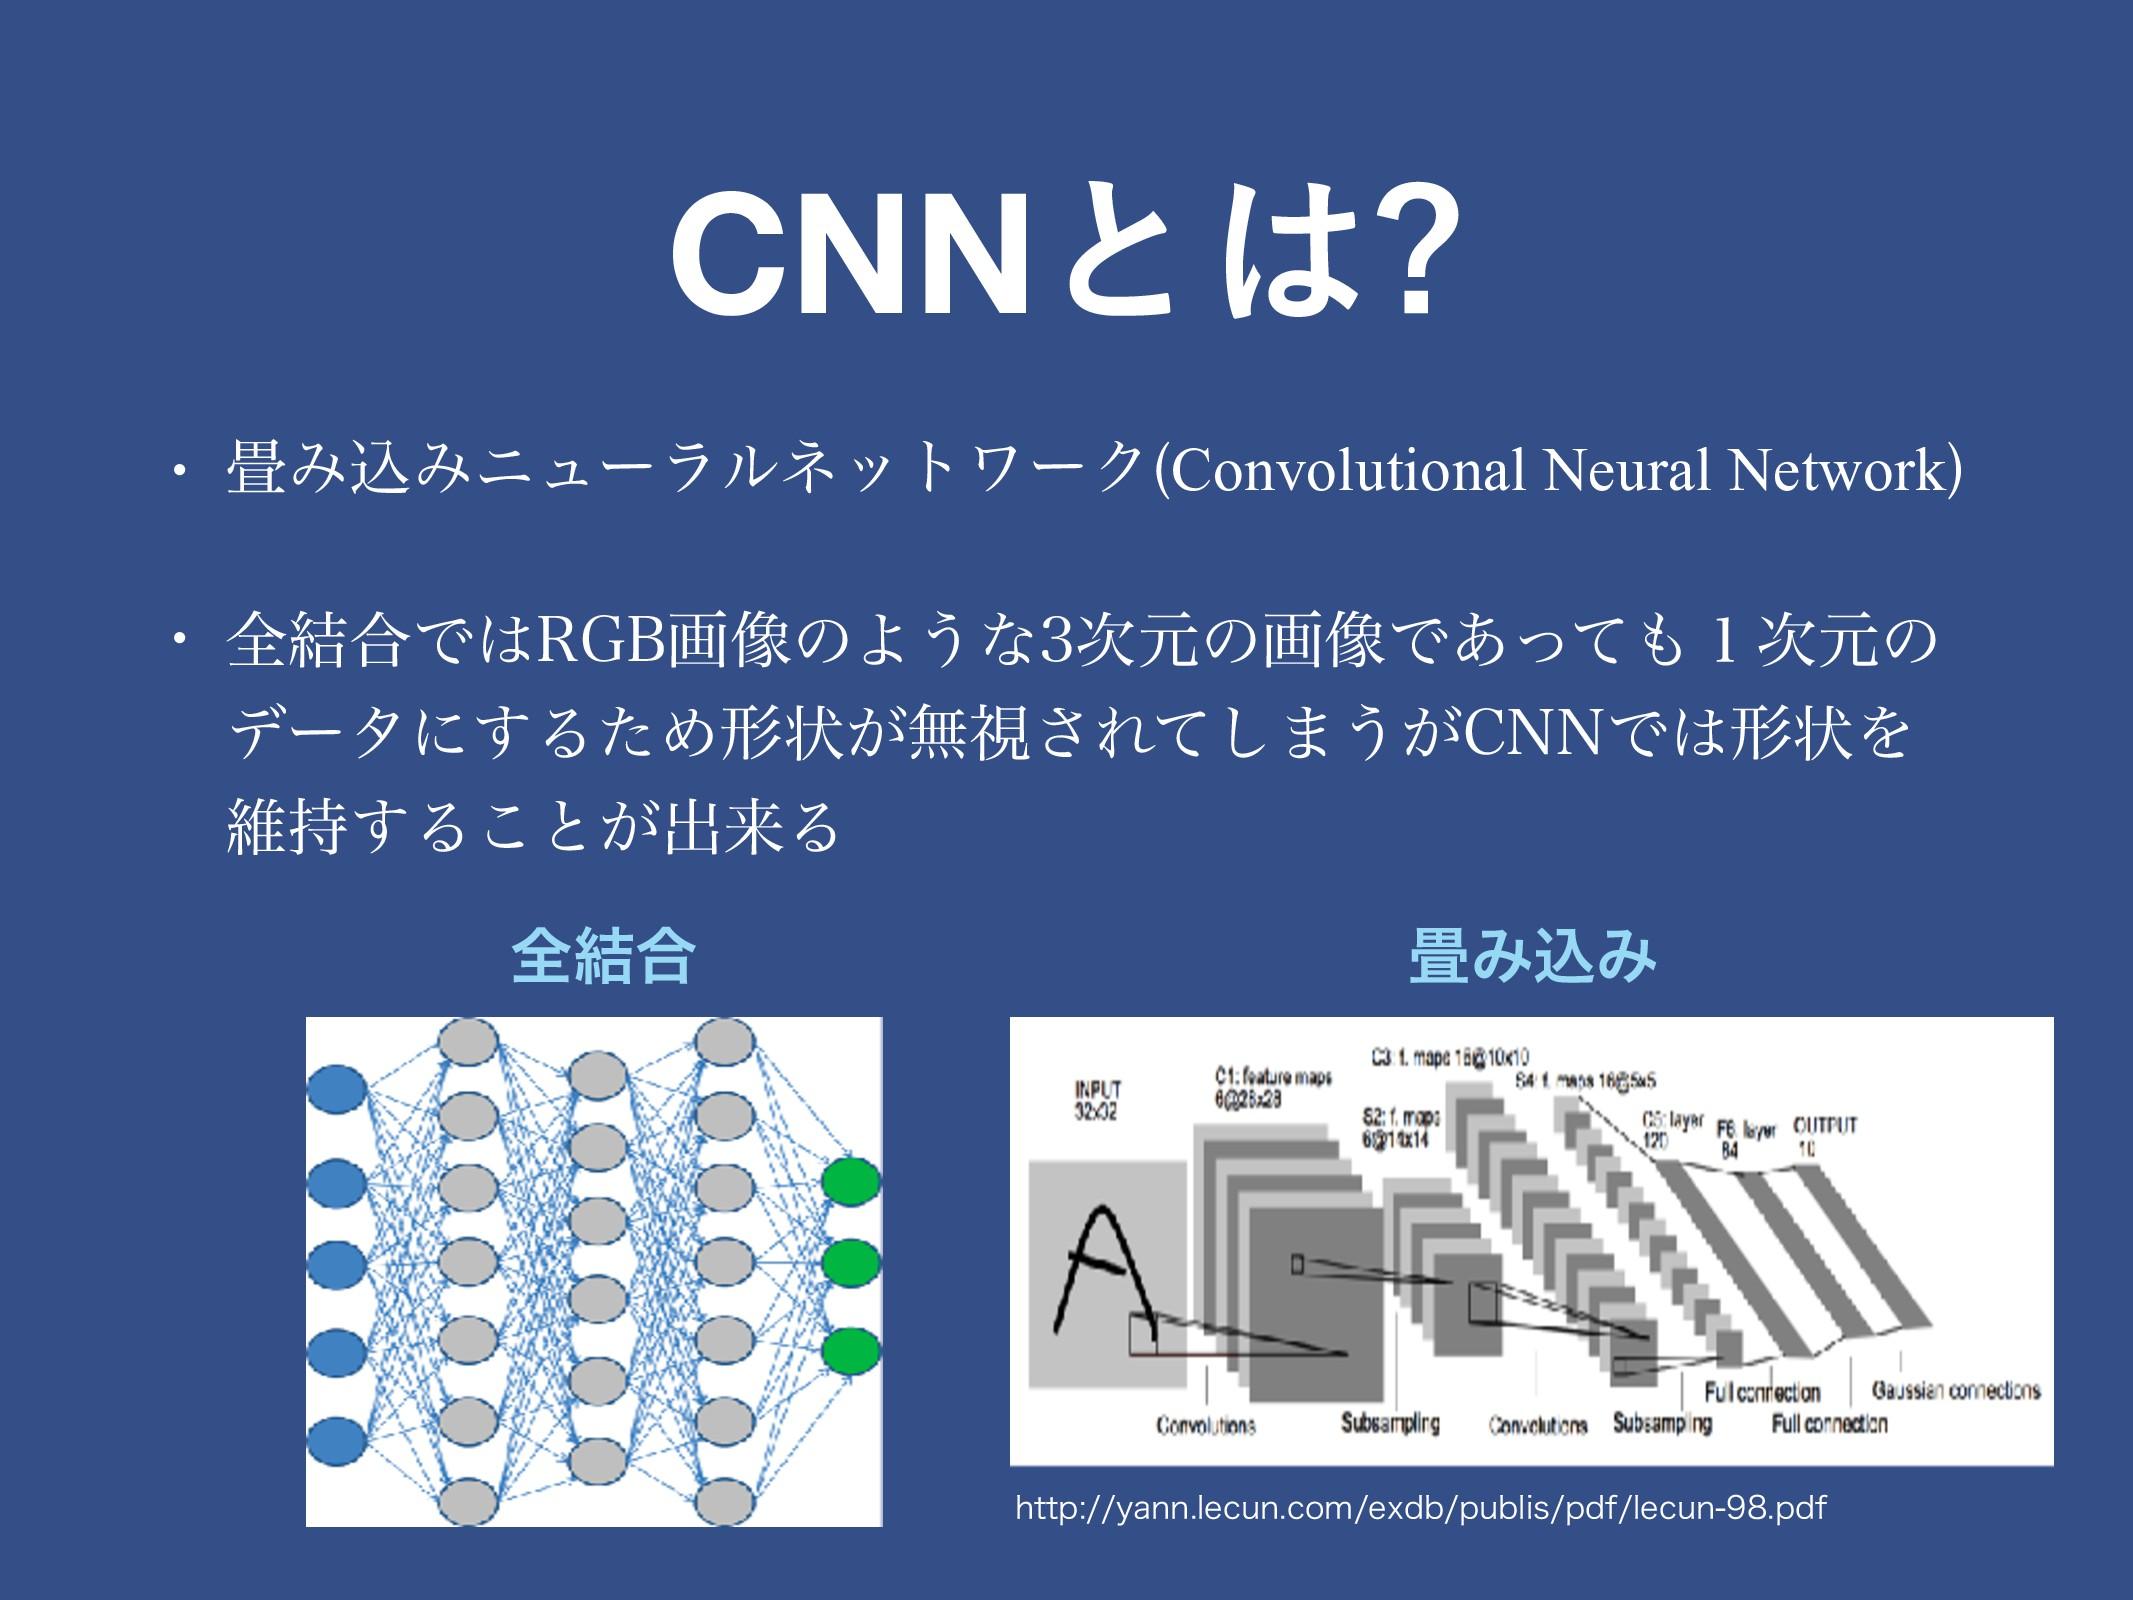 CNNͱ w ΈࠐΈχϡʔϥϧωοτϫʔΫ Convolutional Neural Ne...